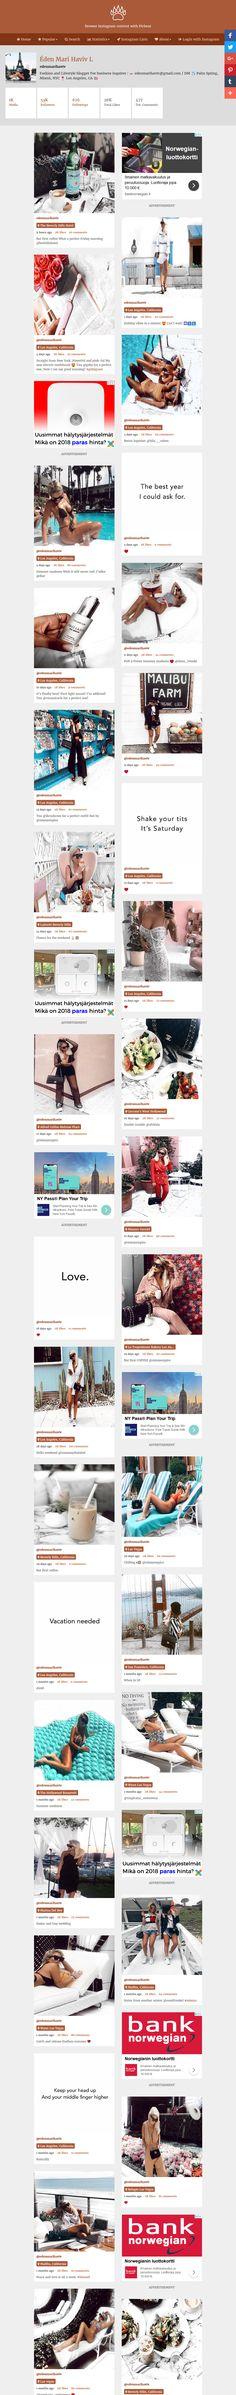 Screenshot: Éden Mari Haviv L @edenmarihaviv Instagram Profile | Picbear Profile, Instagram, User Profile